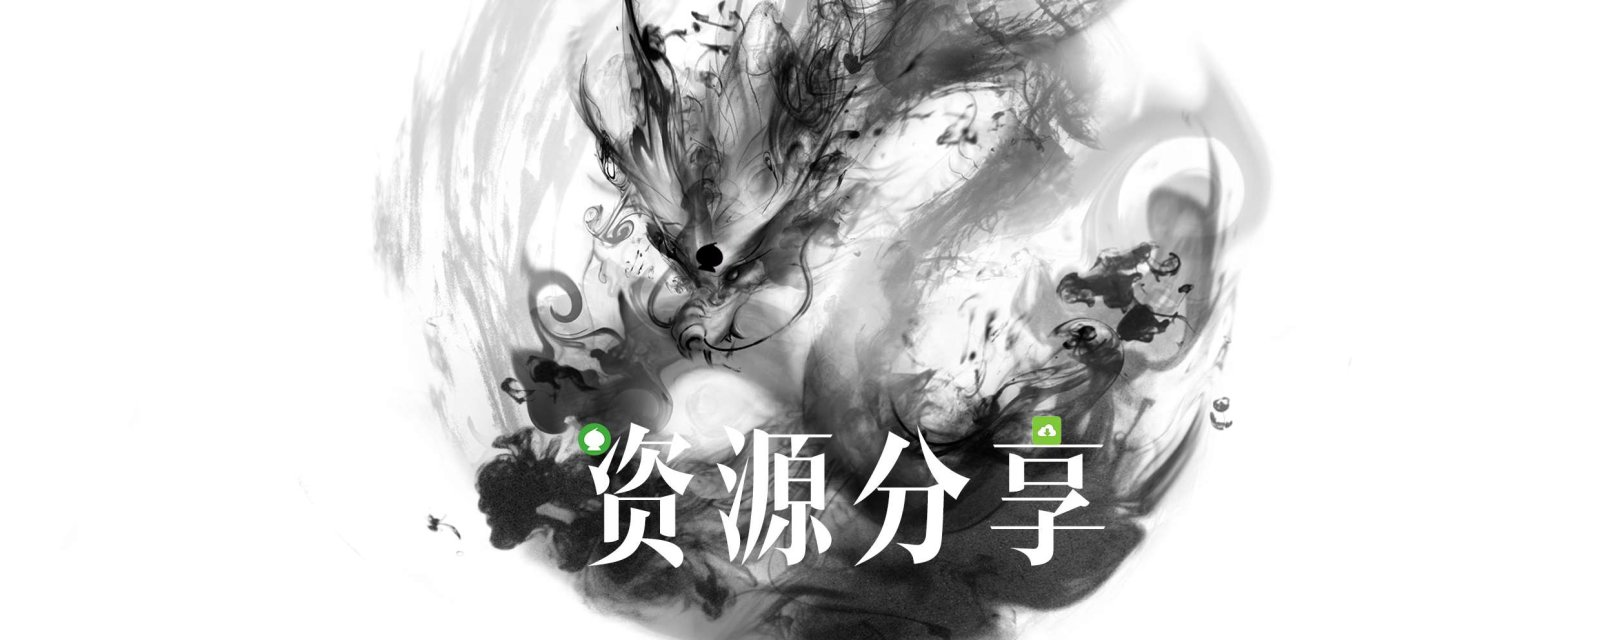 【资源分享】塞班经典管理器